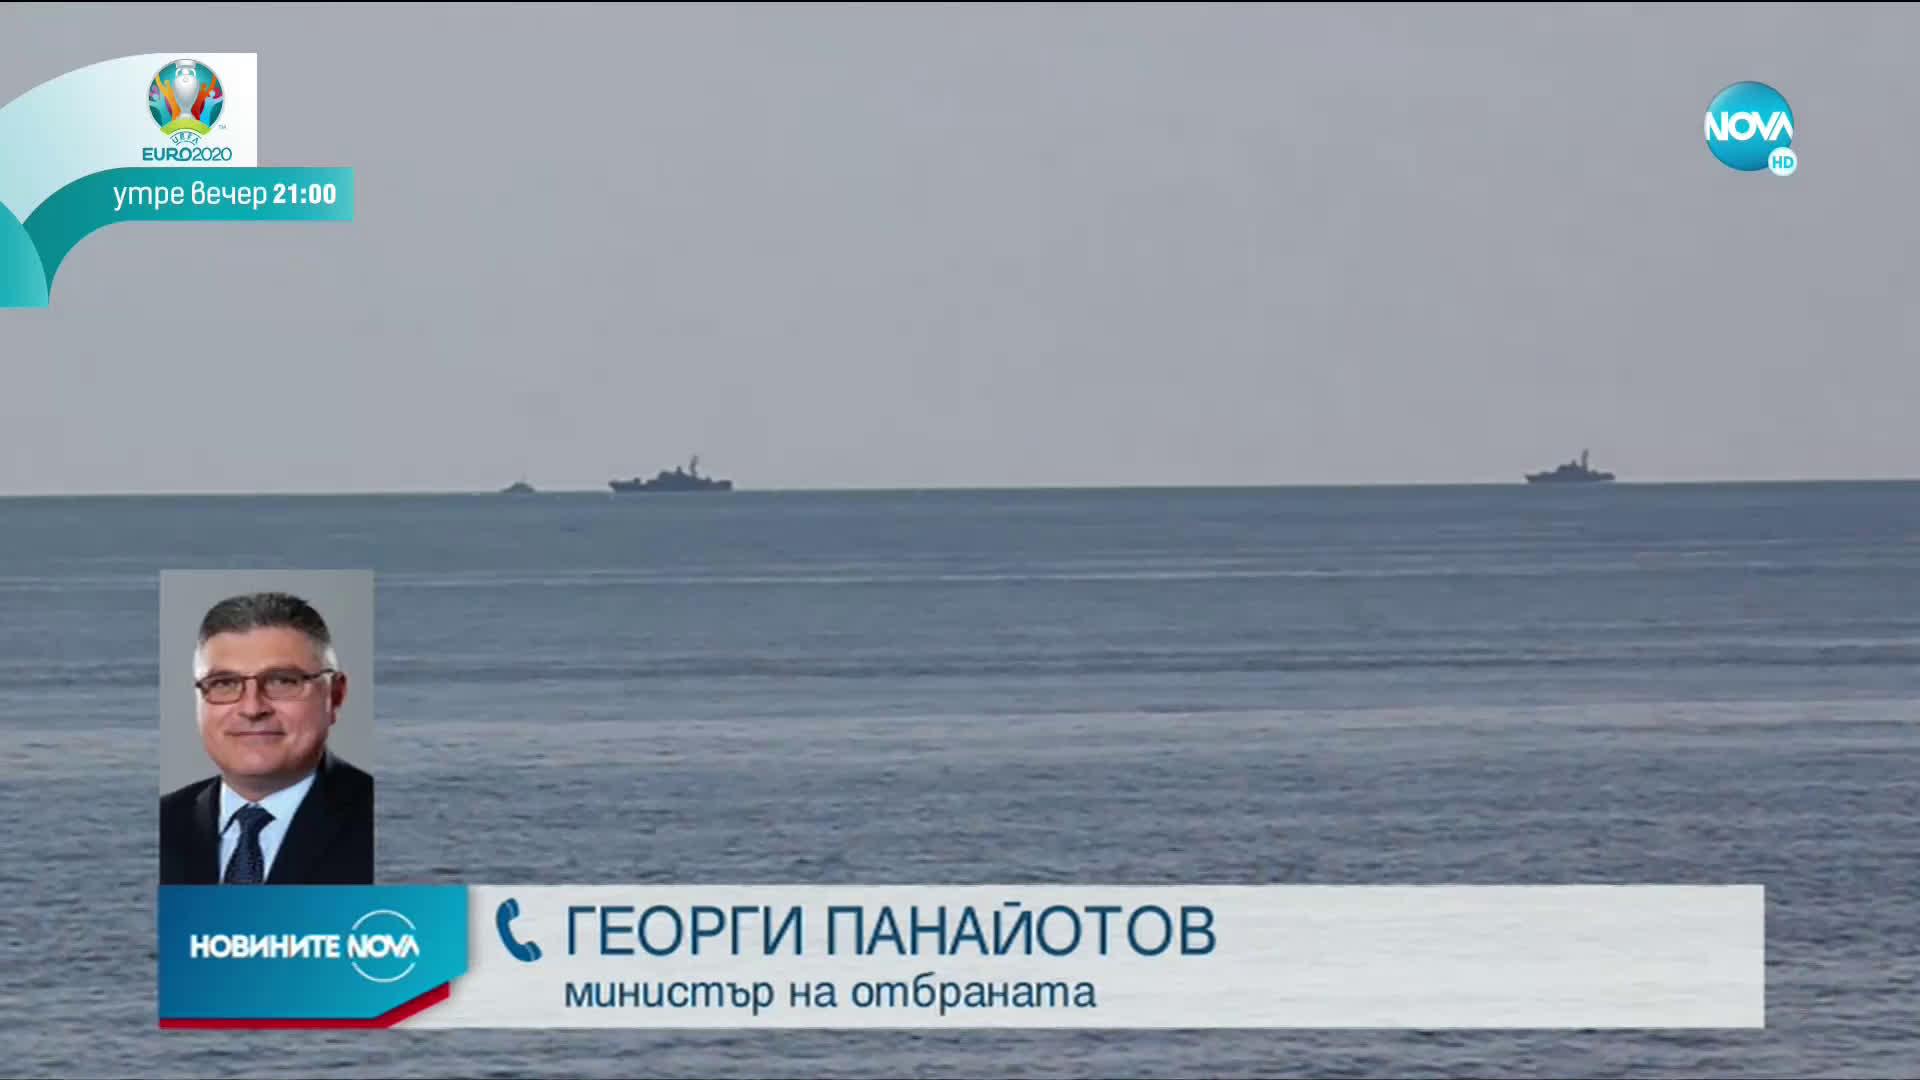 Панайотов за изчезналия пилот: Шансът да го открием жив и здрав е много малък